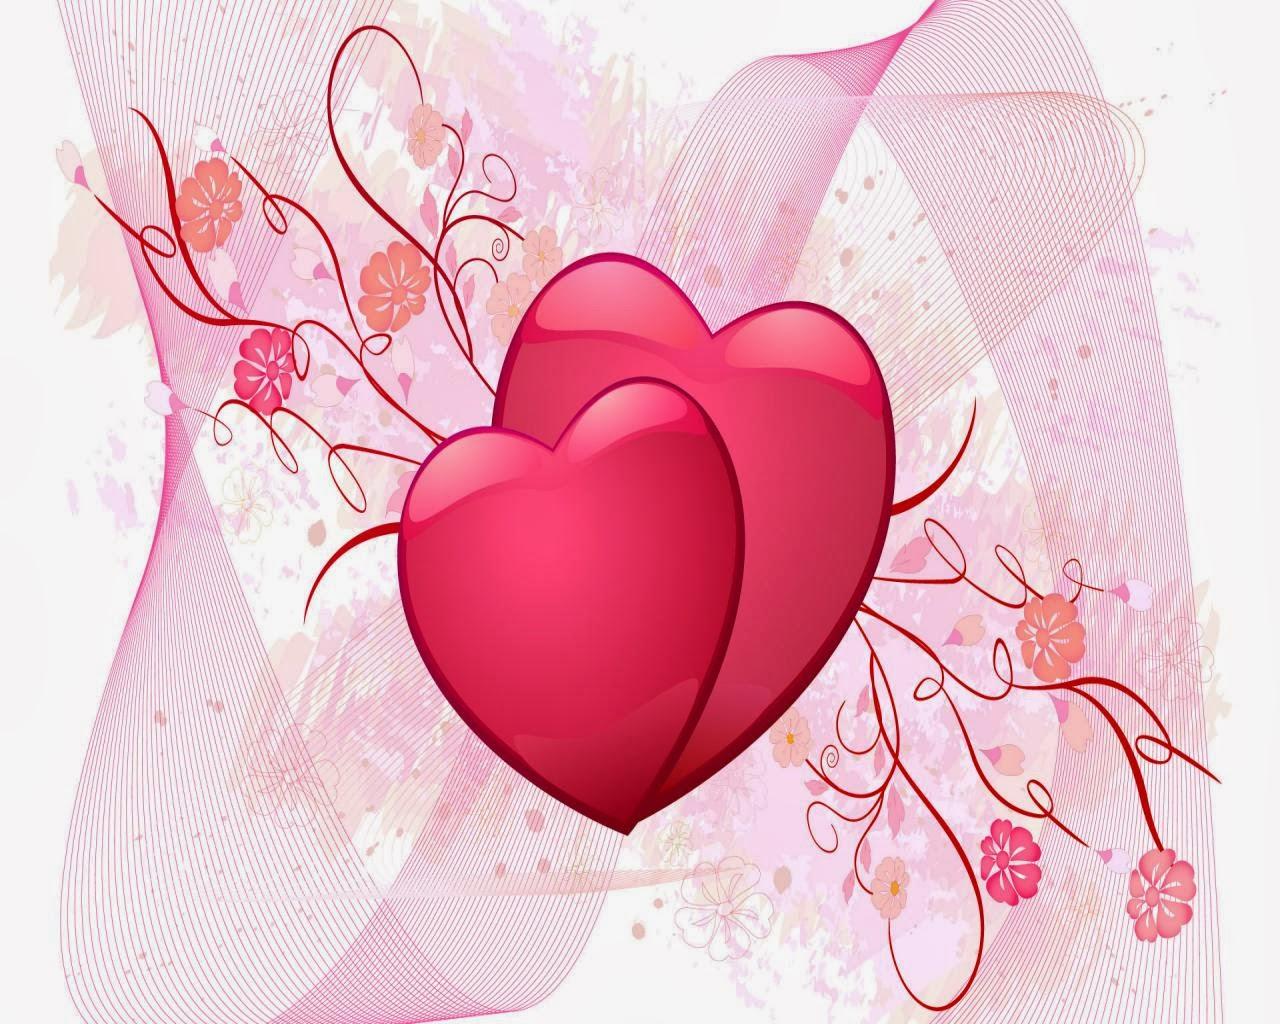 Imagenes De Amor Para Descargar Gratis: Descargar Imagenes De Amor Bonitas Gratis